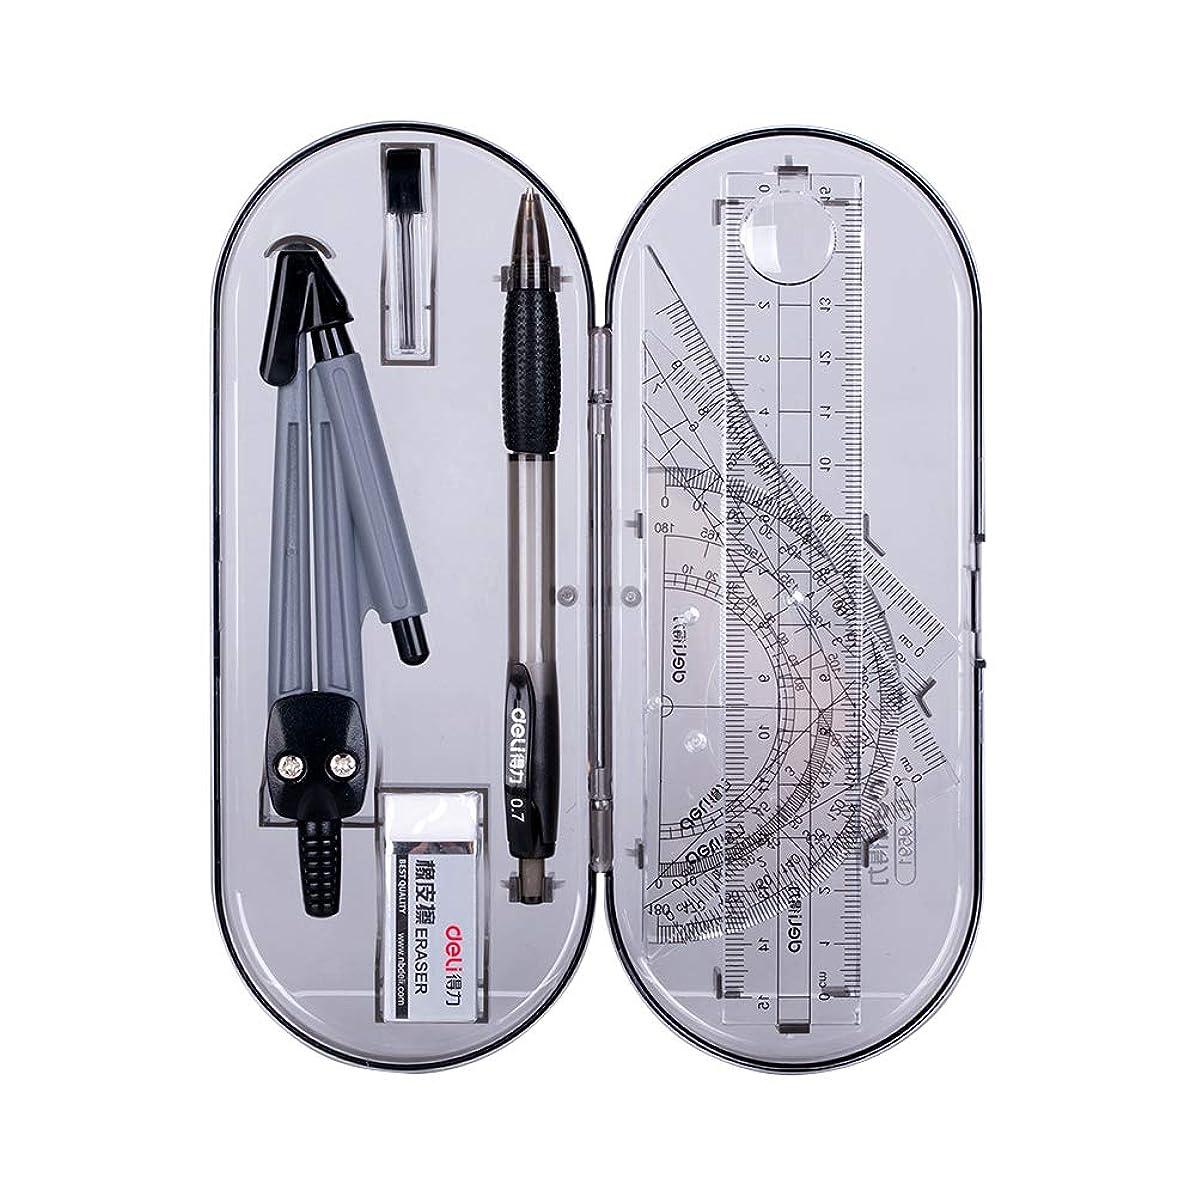 ガード香水インディカファーバーカステル ペンシル 替芯ブラウン 118645 硬度B パーフェクトペンシル用 正規輸入品